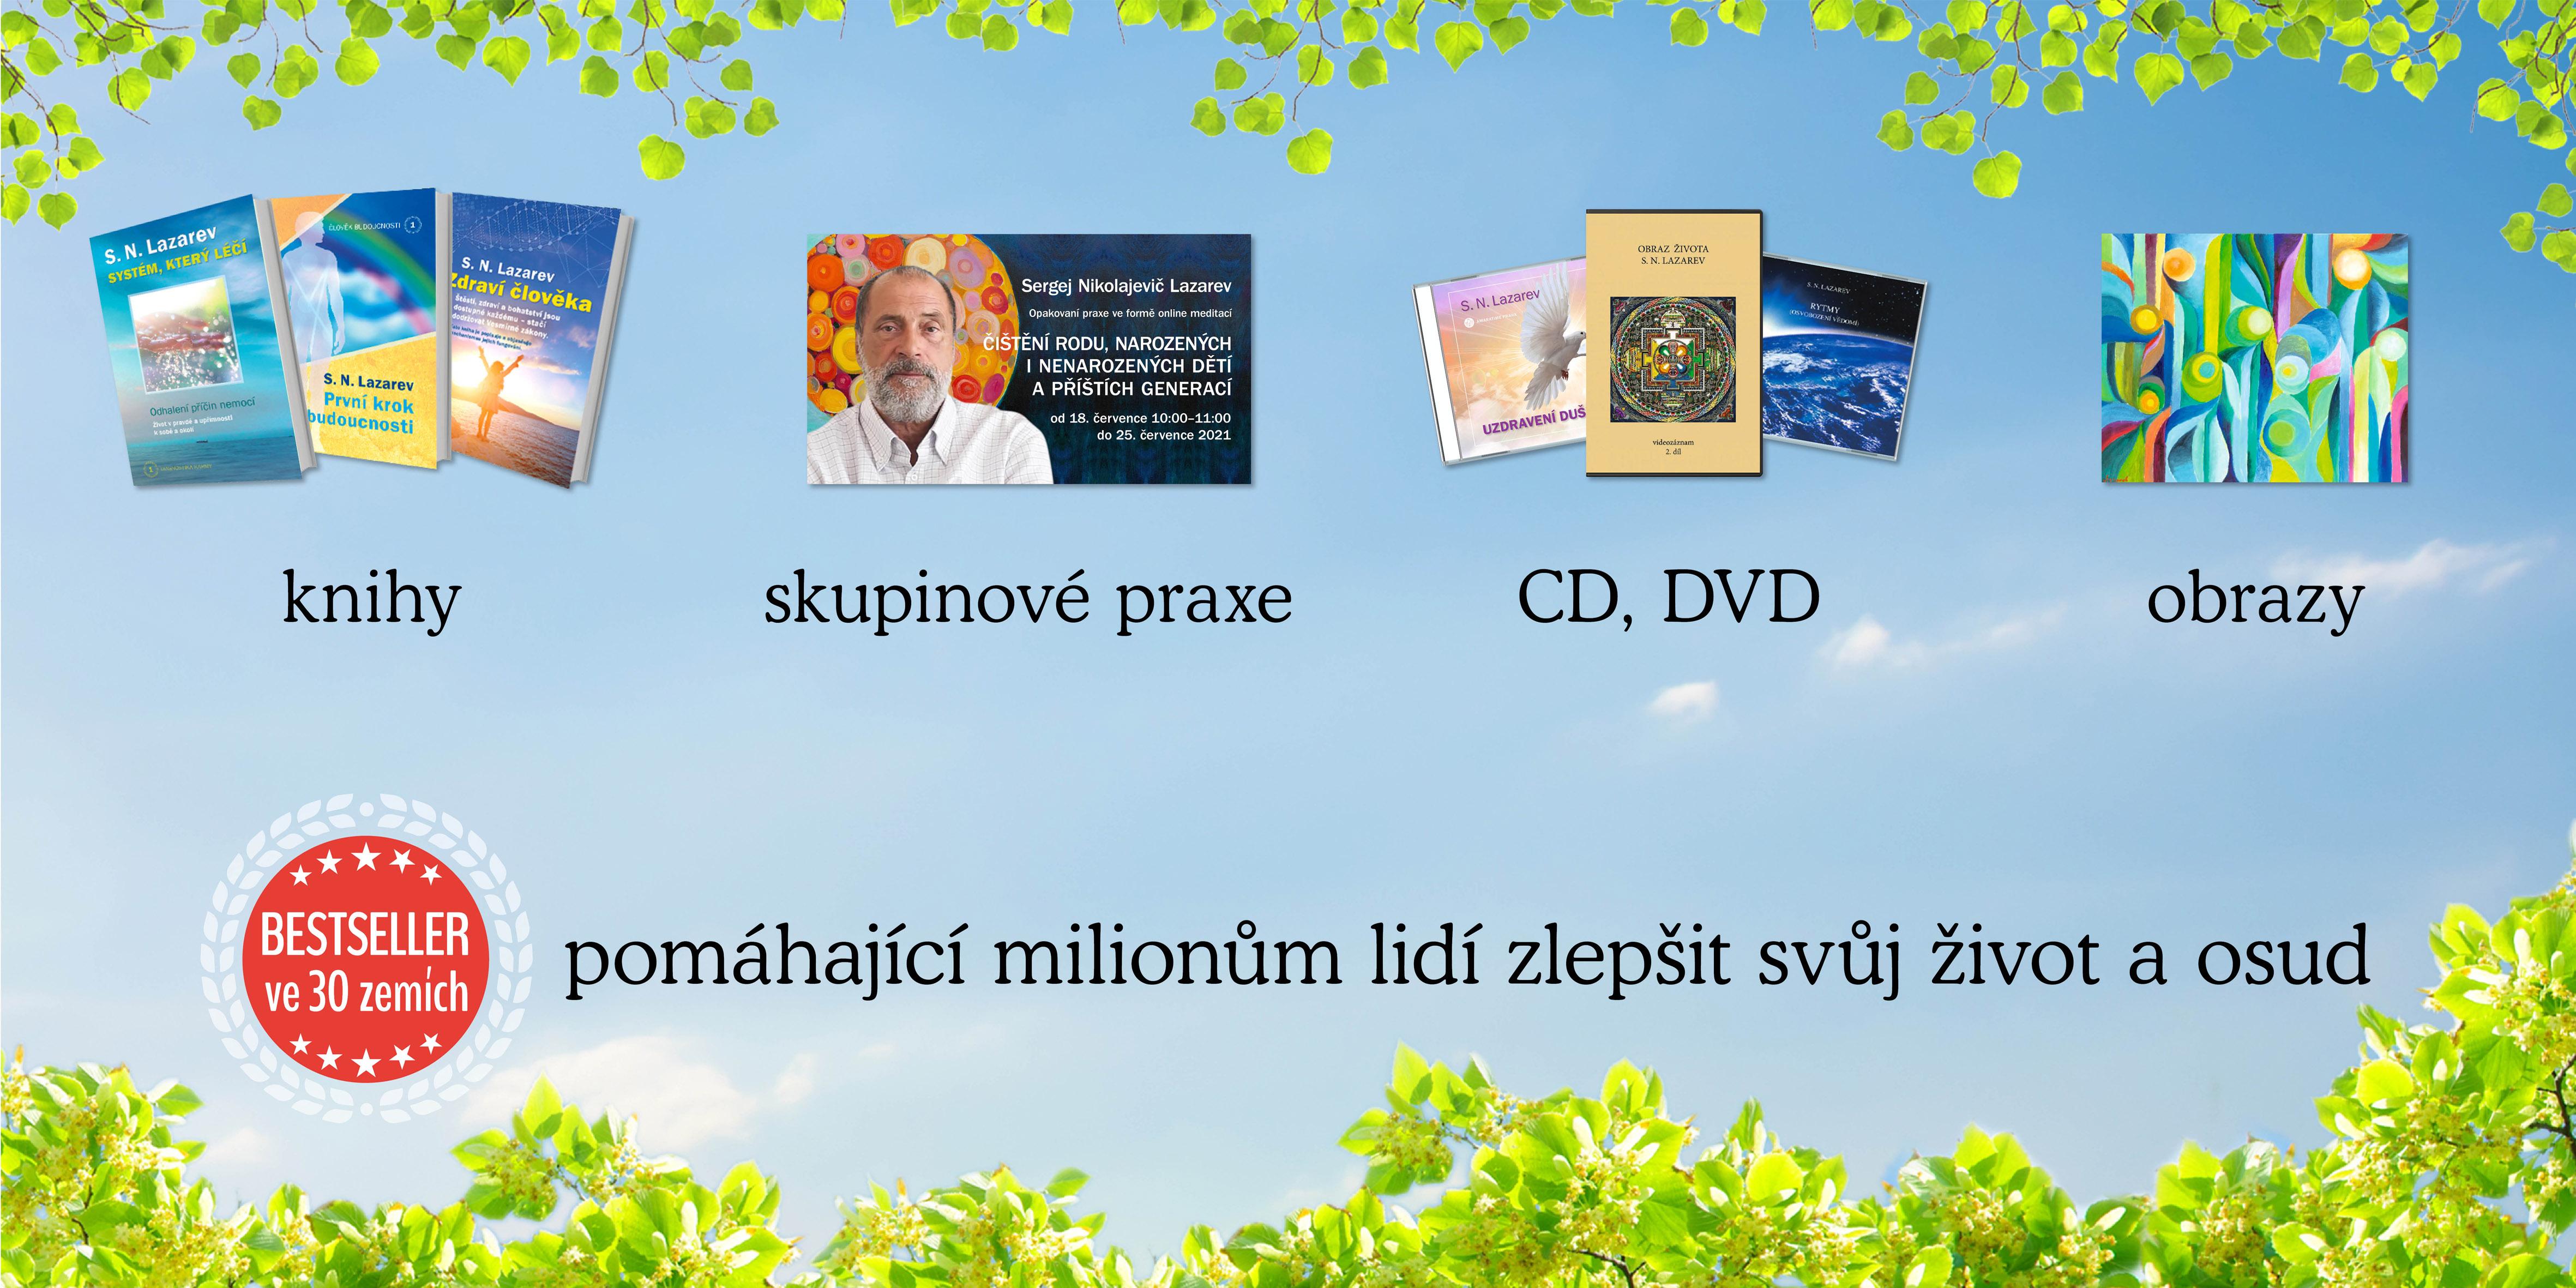 banner_bestseller